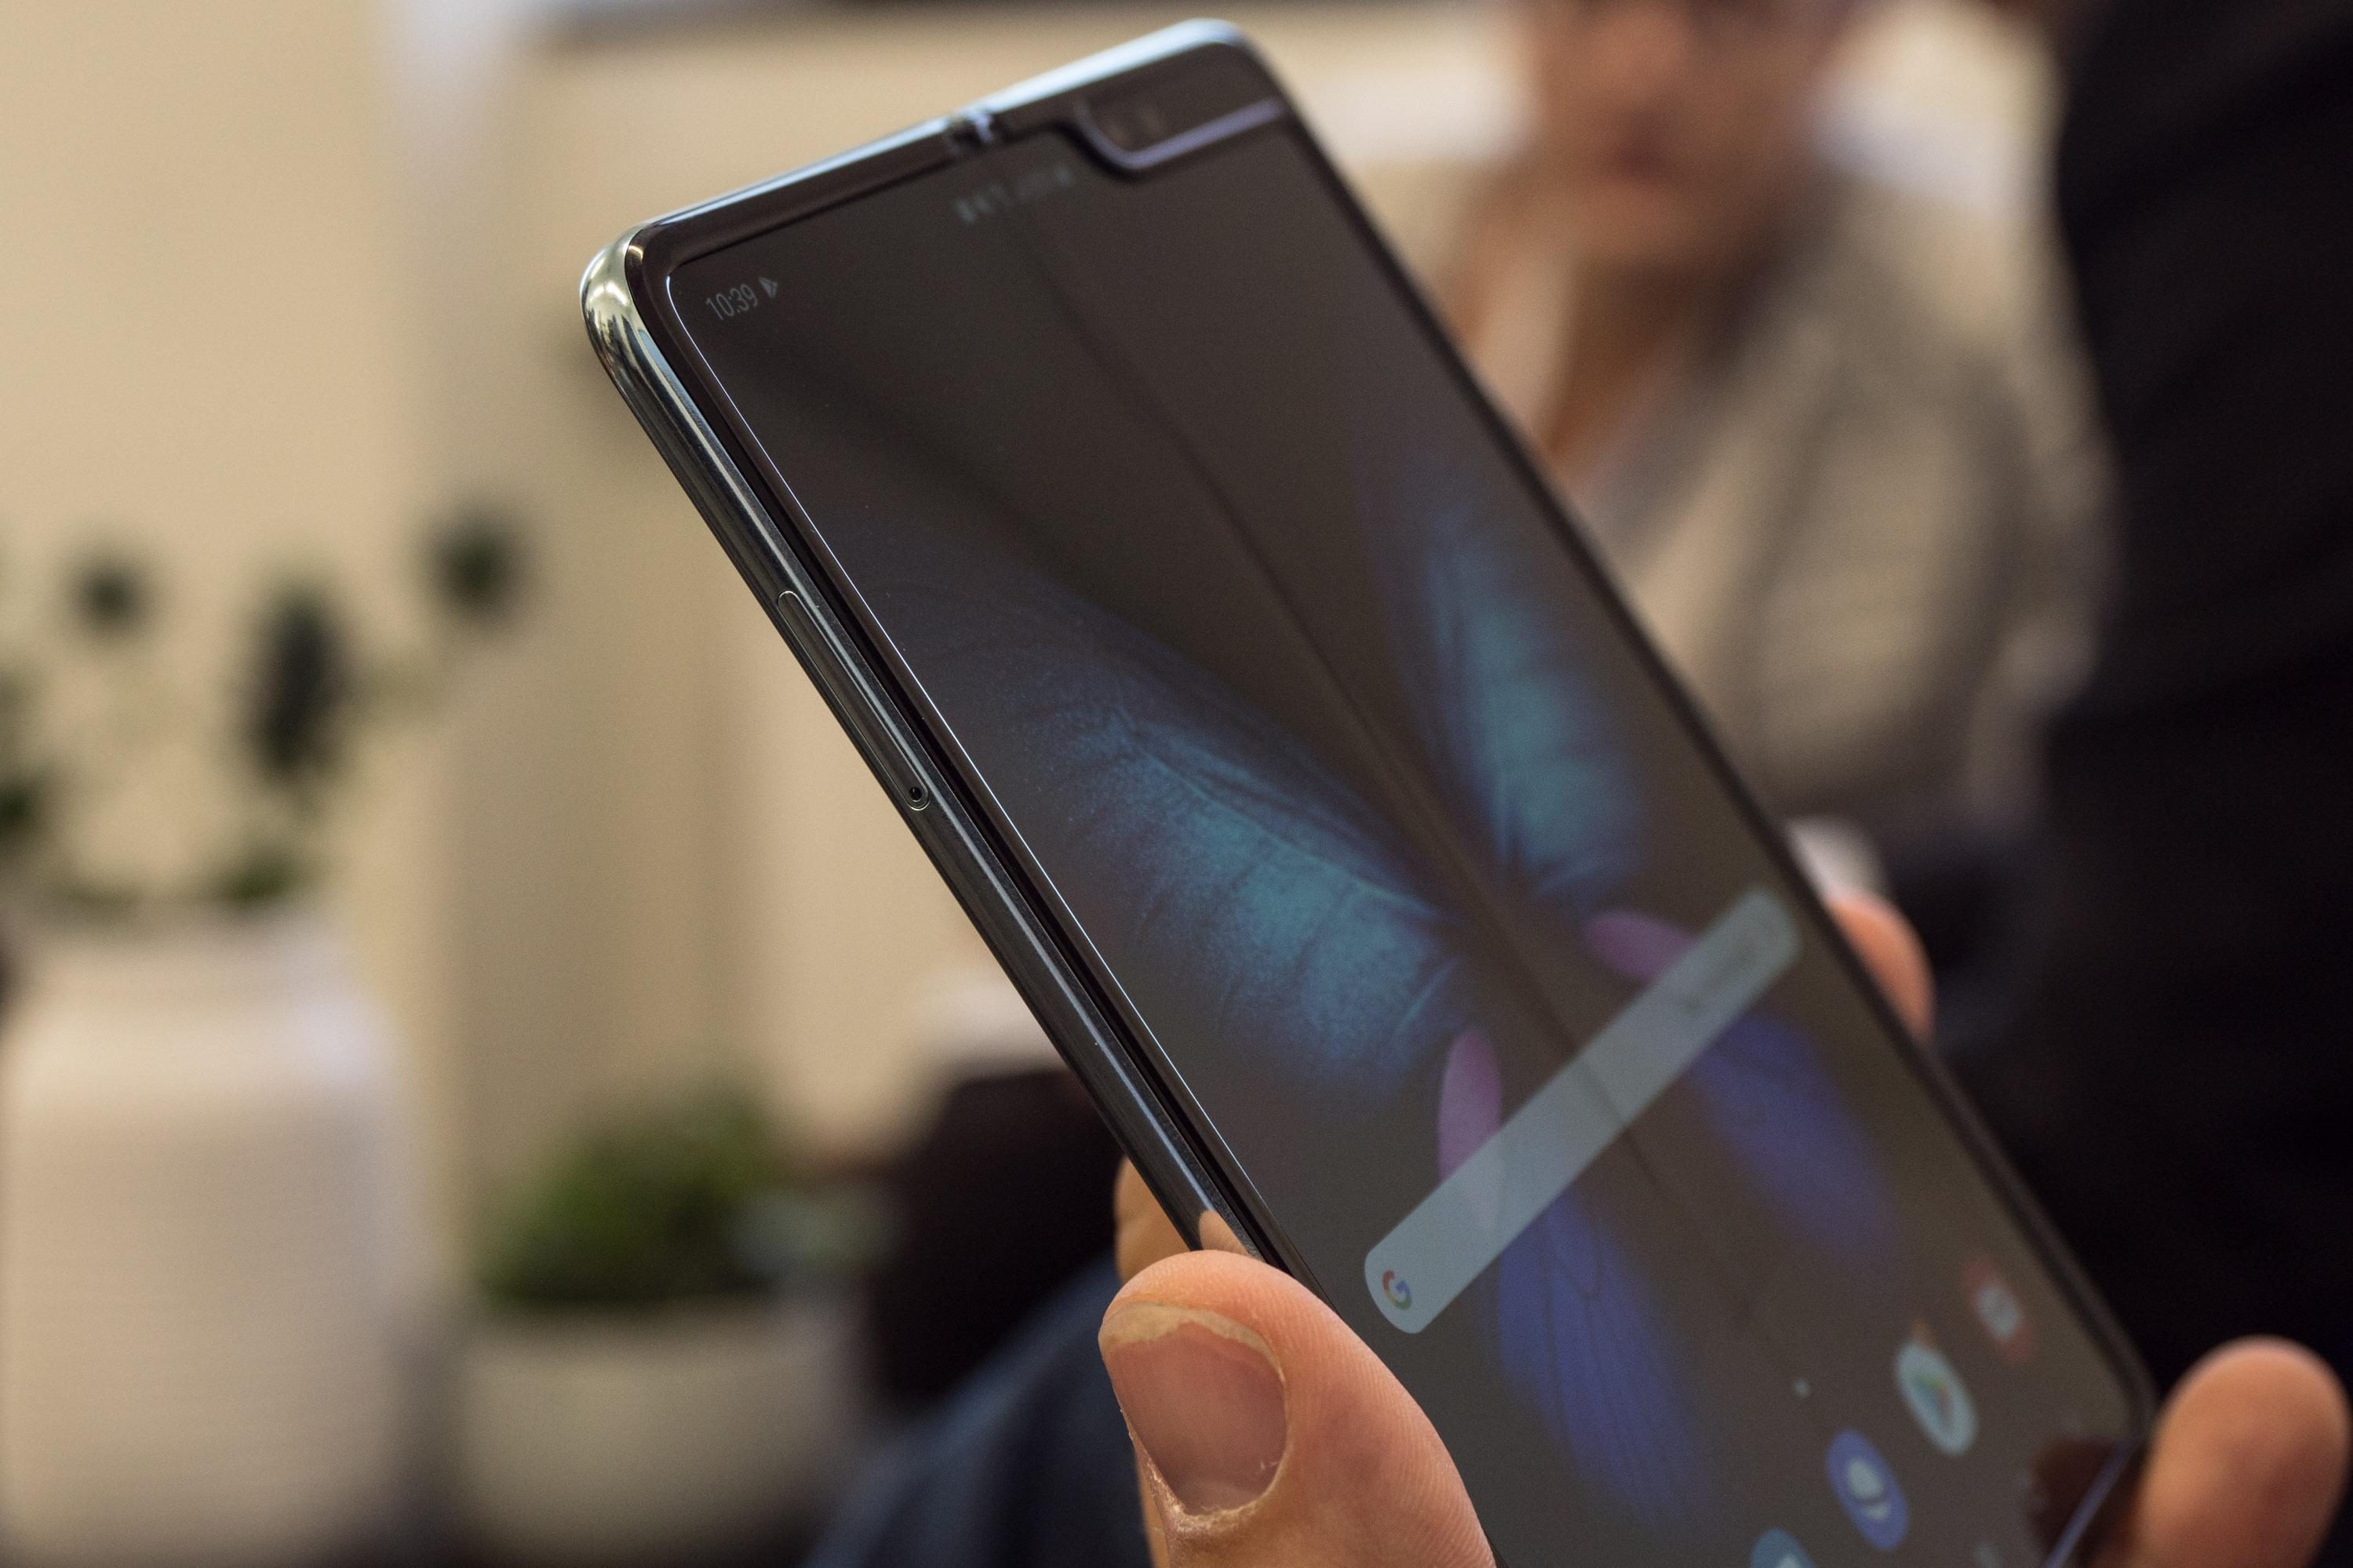 Galaxy Fold im Hands on: Samsung hat sein faltbares Smartphone gerettet - Technisch bedingt ist in der Mitte des faltbaren Displays ein Falz zu erkennen. (Bild: Martin Wolf/Golem.de)